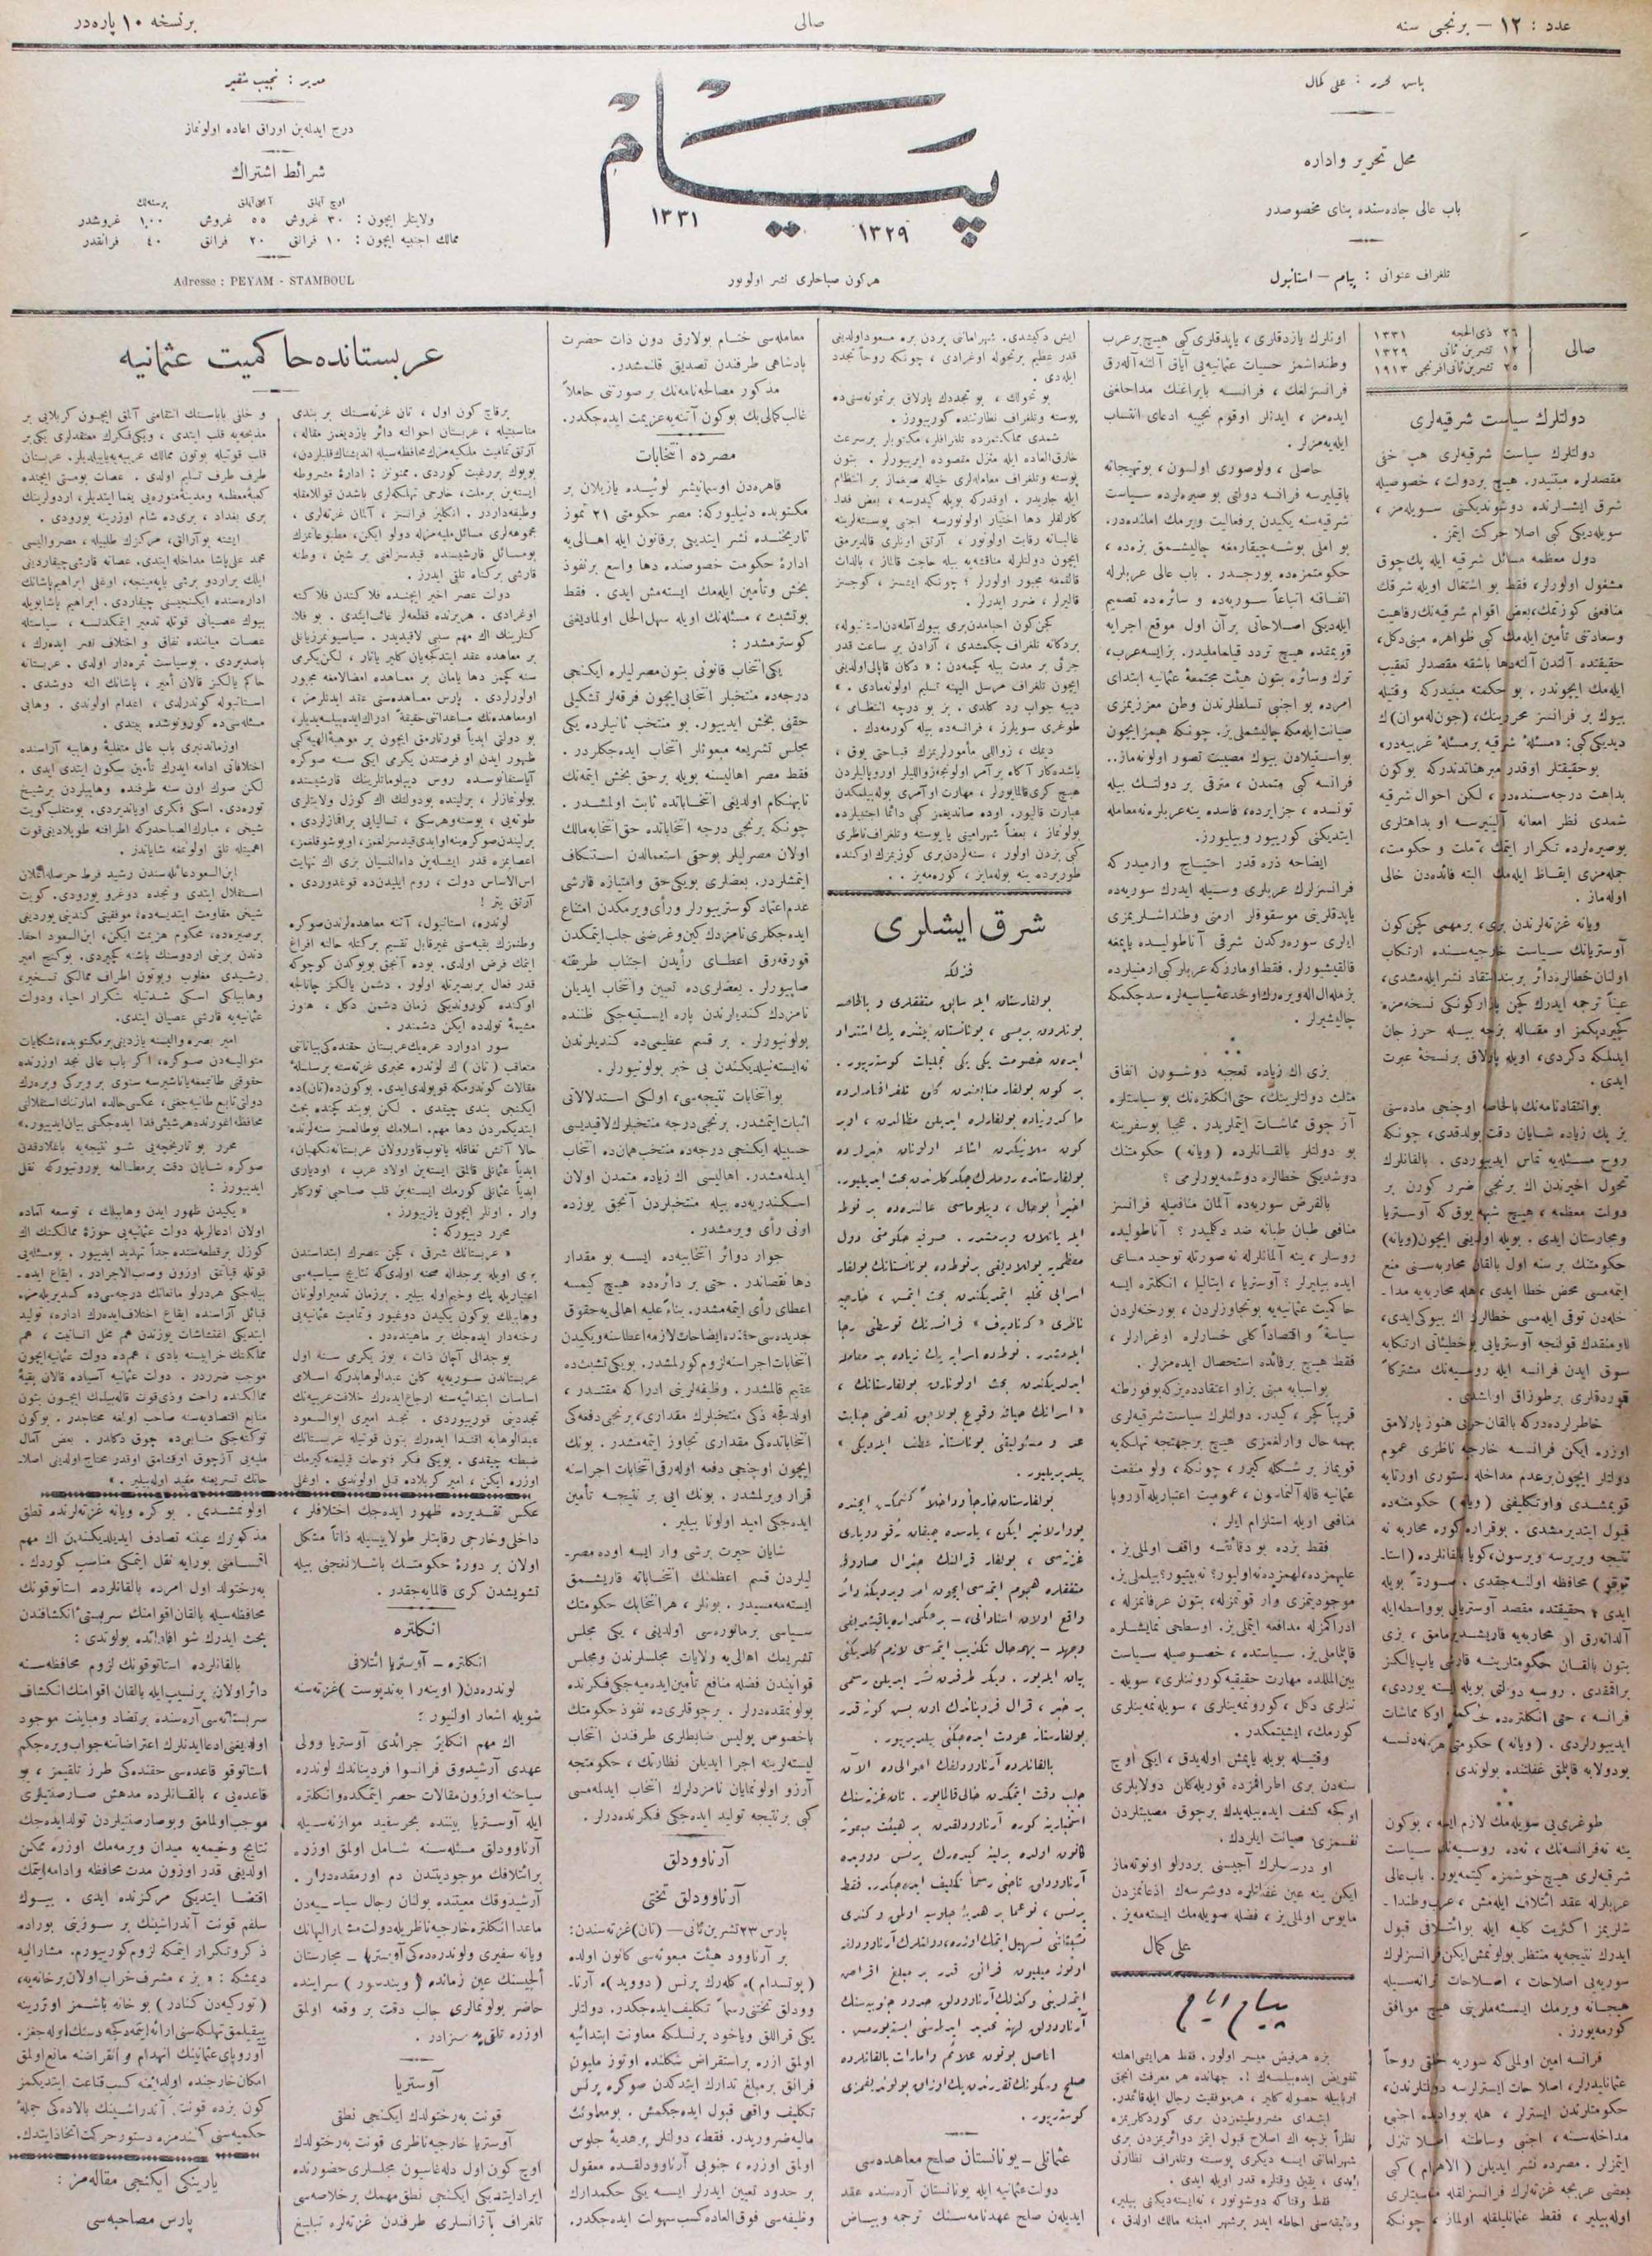 25 Kasım 1913 Tarihli Peyam Gazetesi Sayfa 1